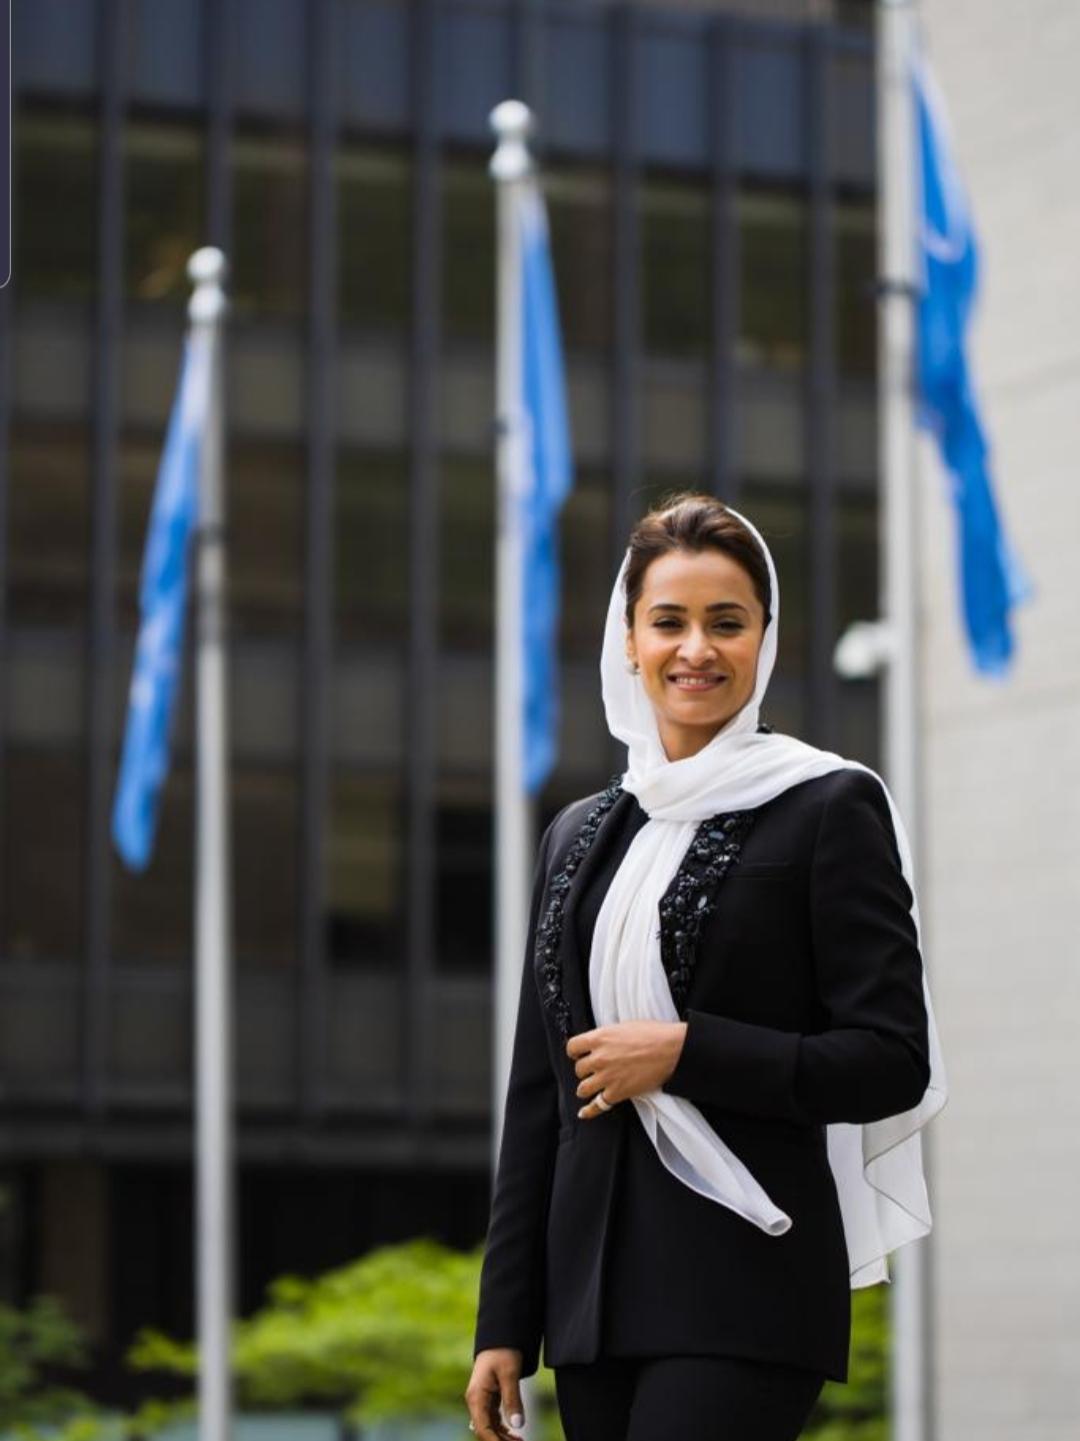 عائشة الهاملي .. أول امرأة مرشّحة لرئاسة المنظّمة العربيّة للطيران المدنيّ (إيكاو)